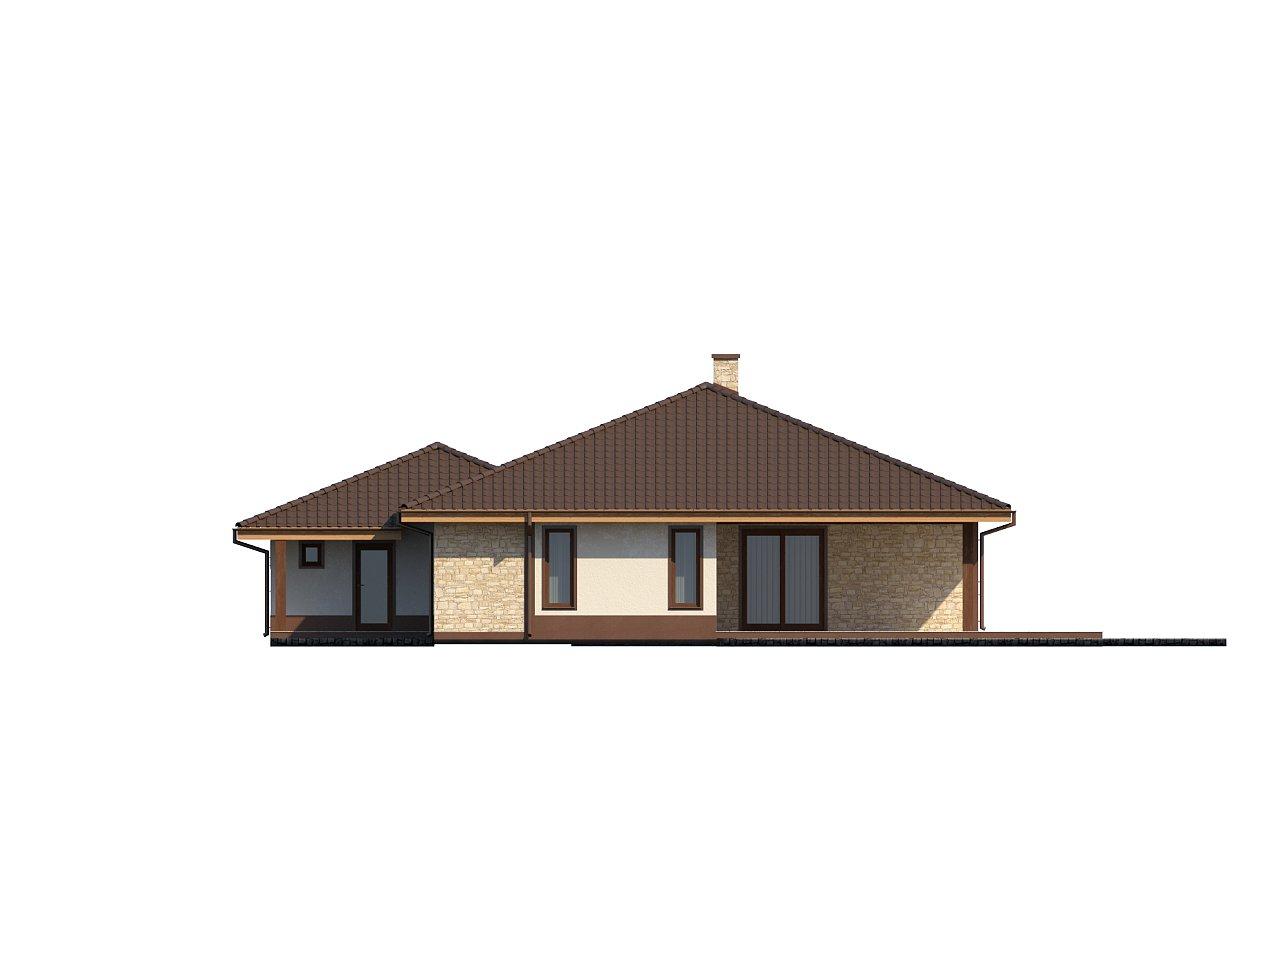 Комфортабельный одноэтажный дом для продольного участка с большим гаражом, с возможностью обустройства мансарды. 4